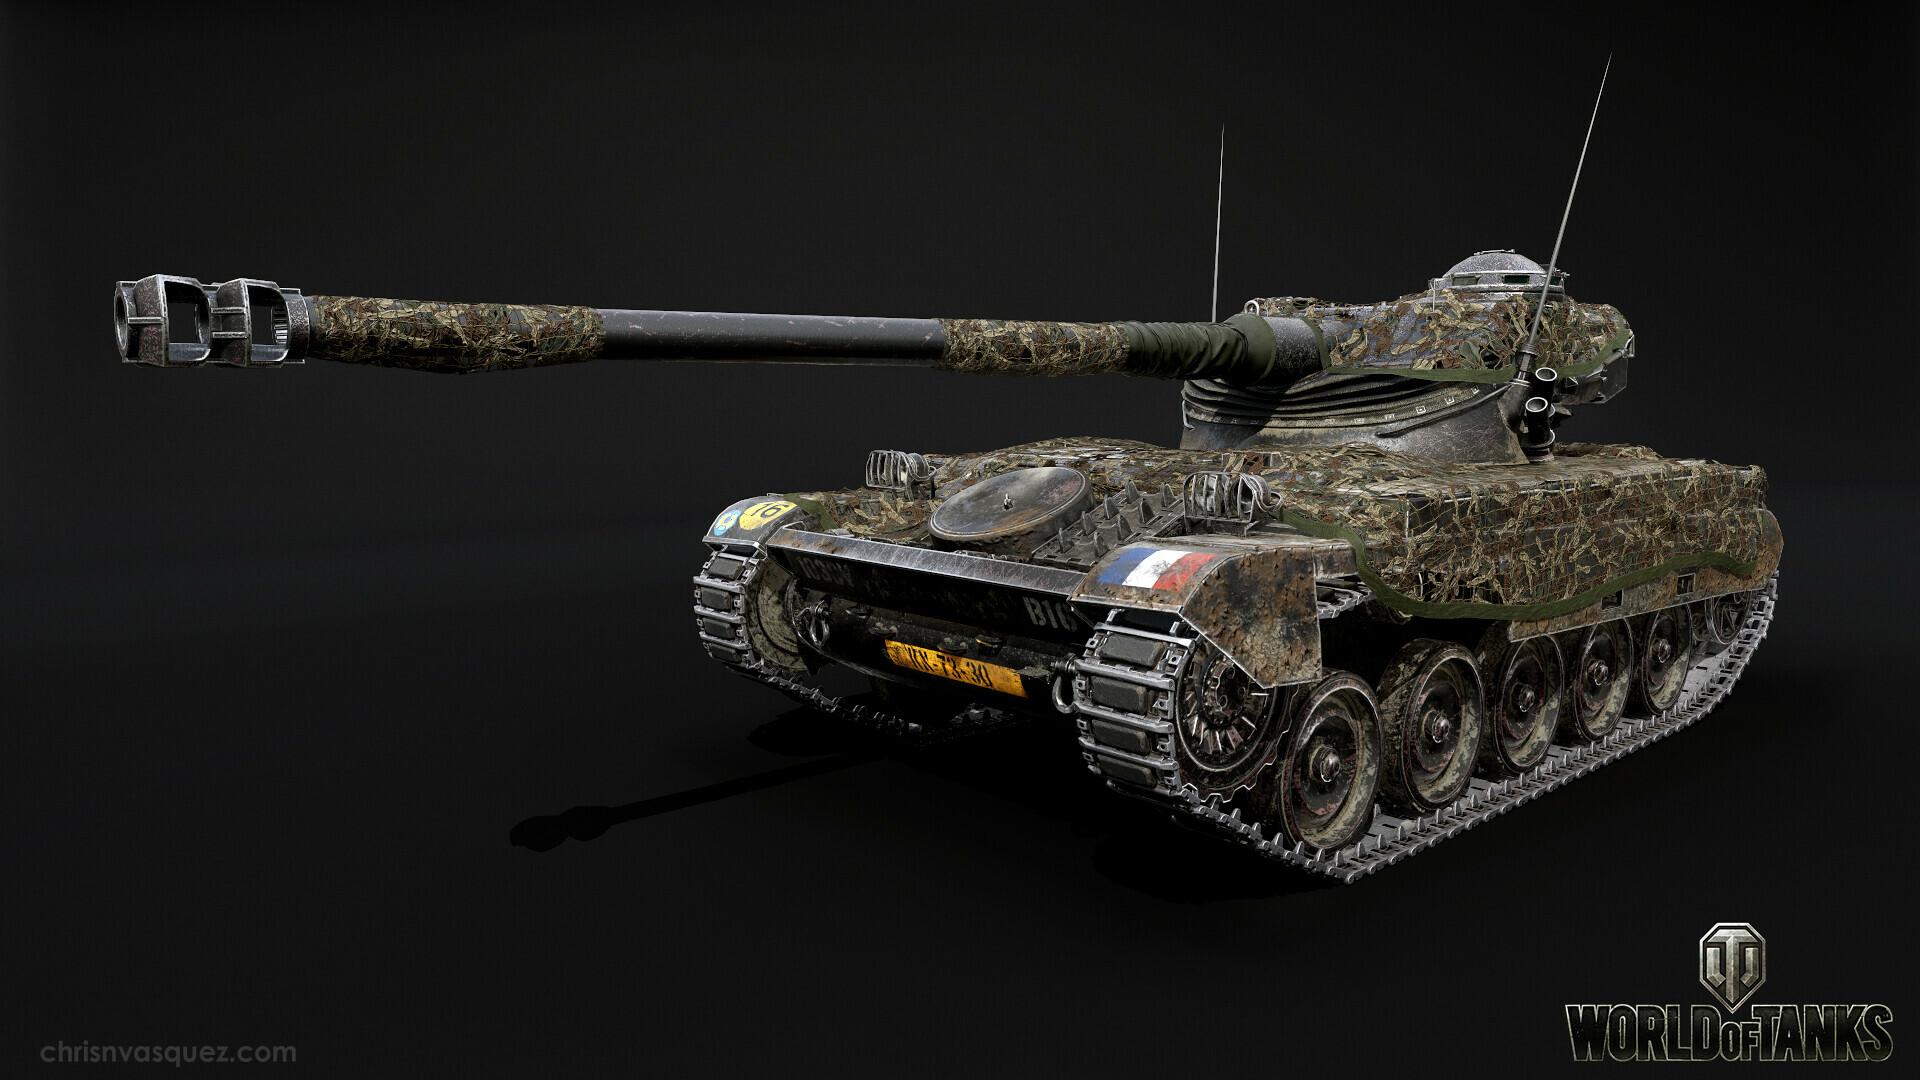 HMH AMX Modèle 58